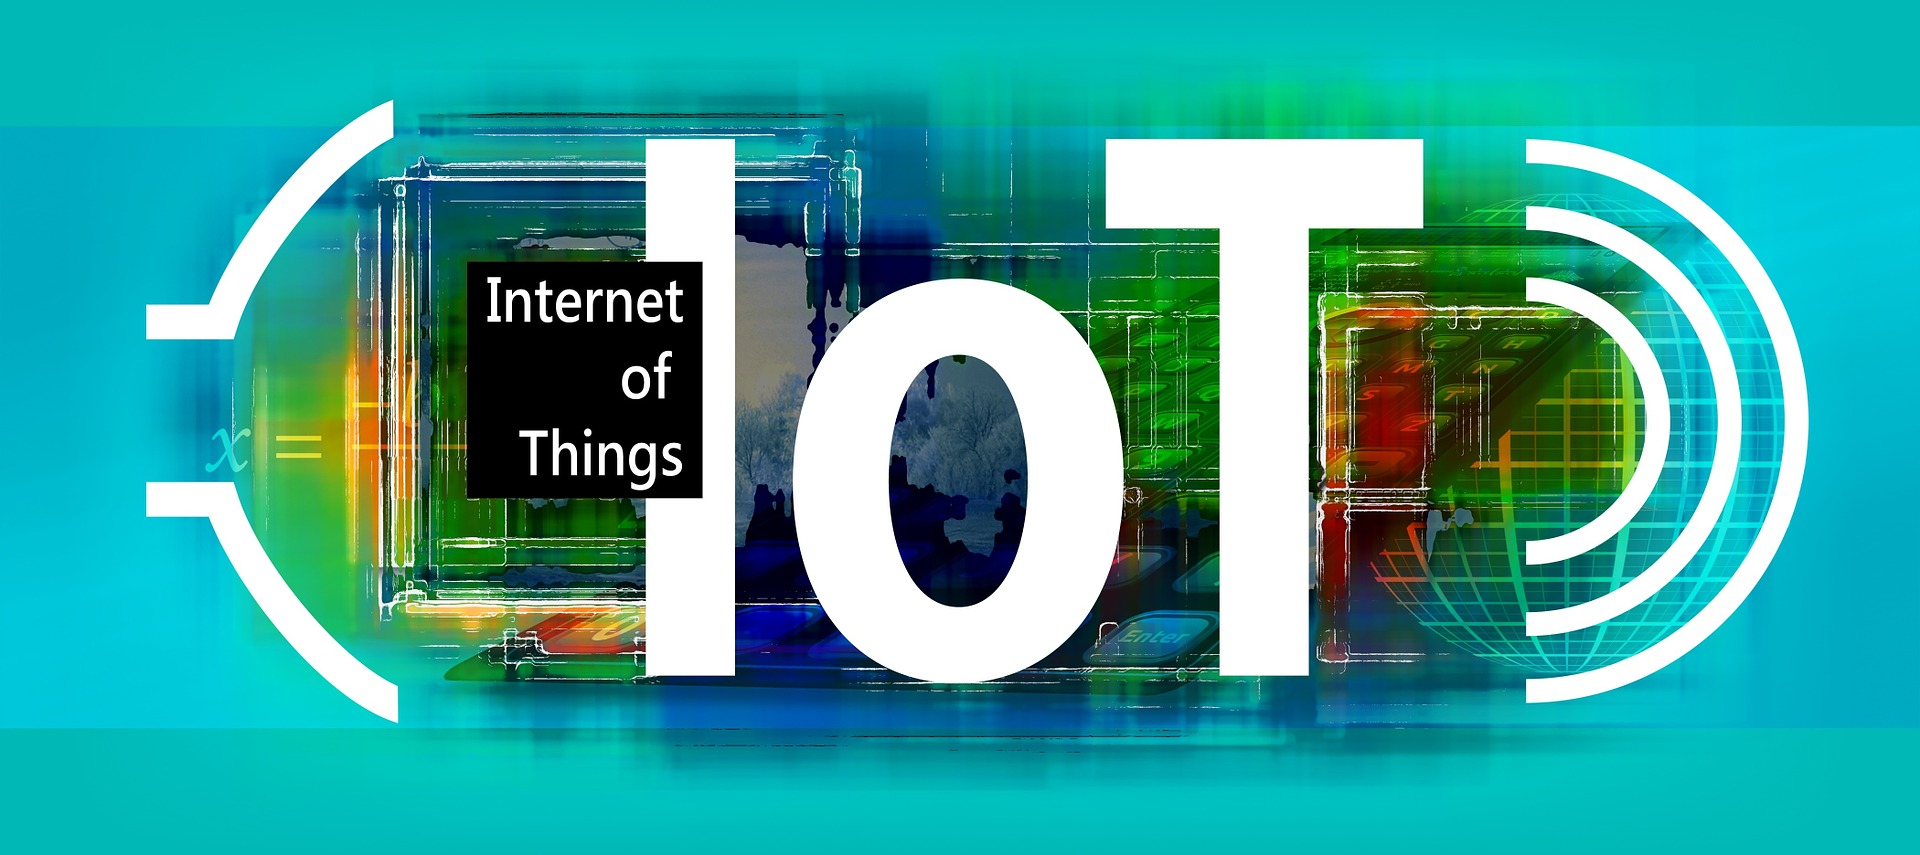 Kaspersky lancia Smart Home Security e rende più sicuri i dispositivi domestici connessi a internet